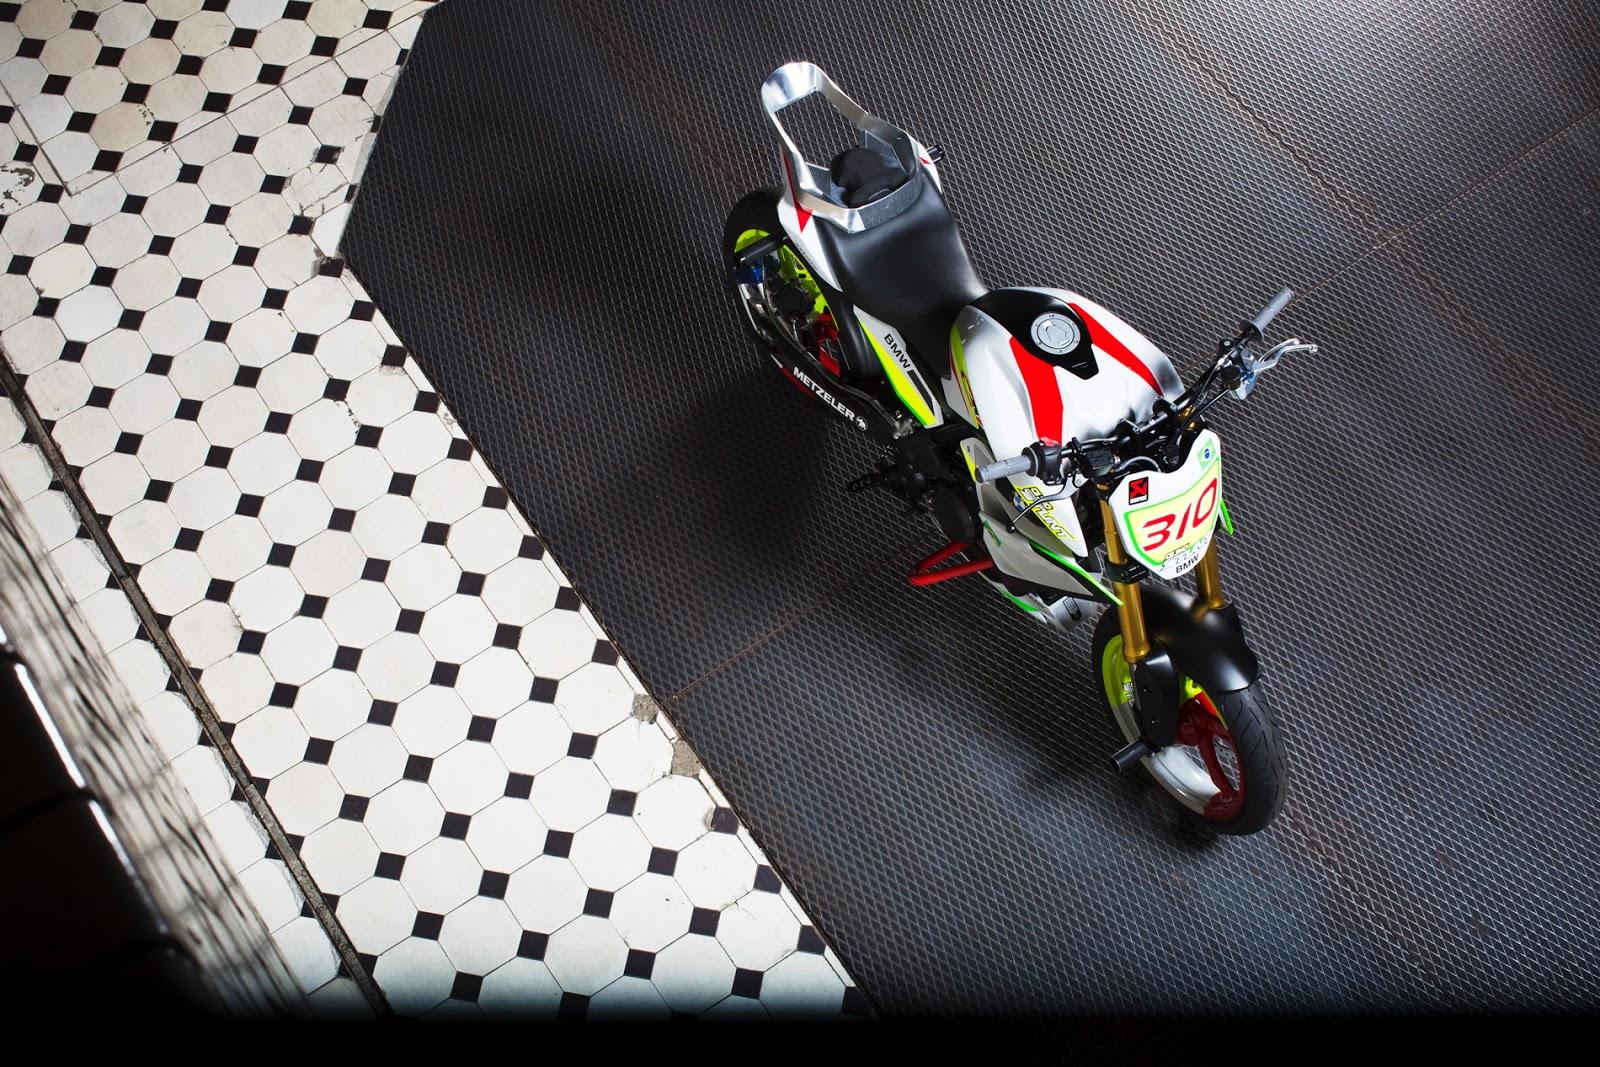 http://2.bp.blogspot.com/-thagPfGQVSY/VhXtpP_8EFI/AAAAAAAABFw/pjxE1UnHMeQ/s1600/BMW-Concept-Stunt-G-310-images-22.jpg